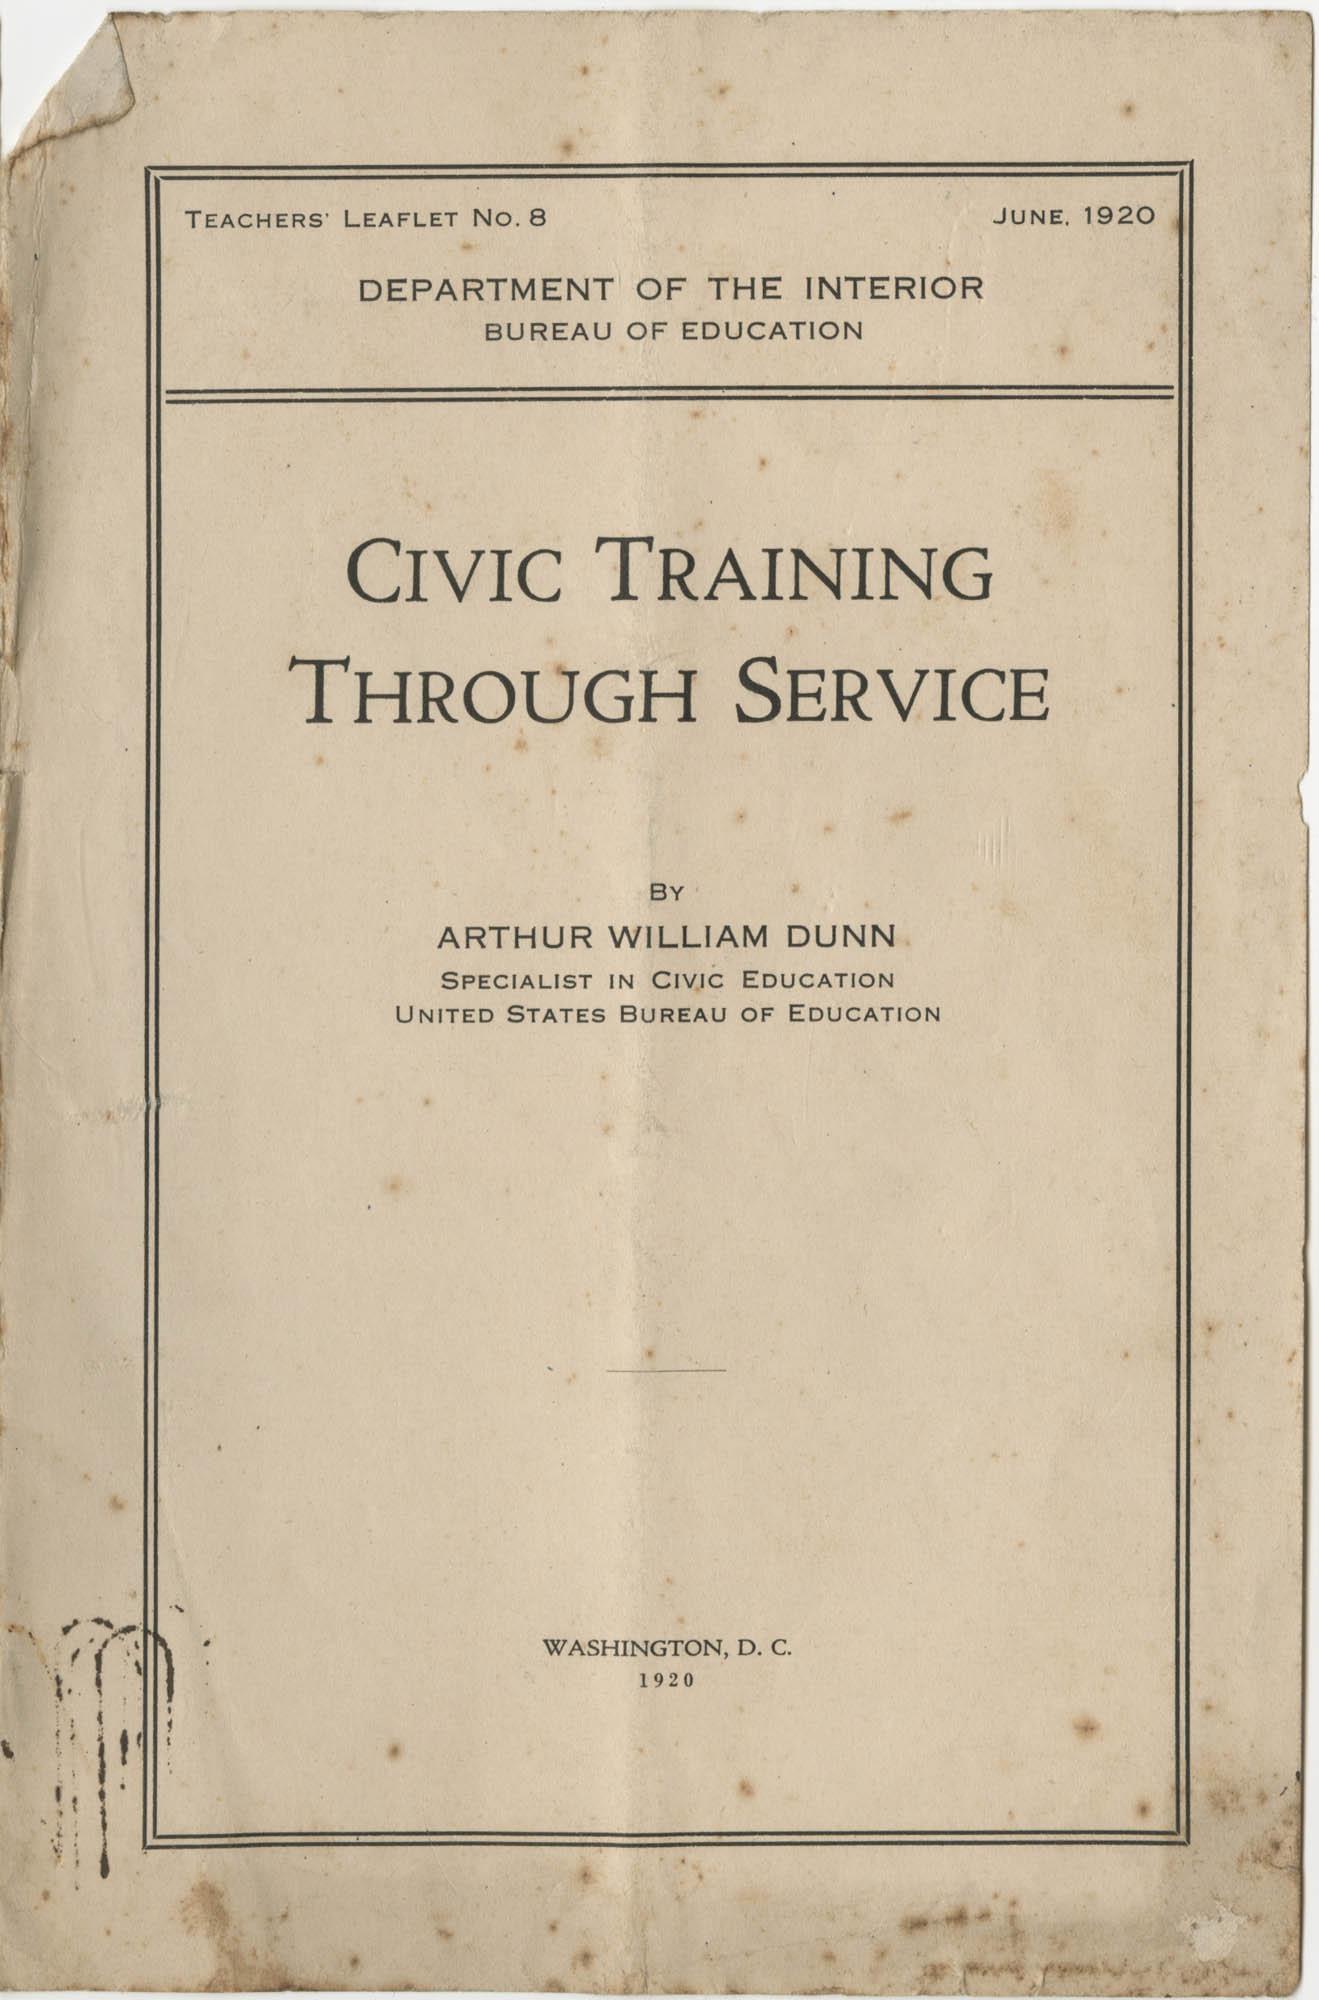 Civic Training Through Service, Department of the Interior, Bureau of Education, June 1920